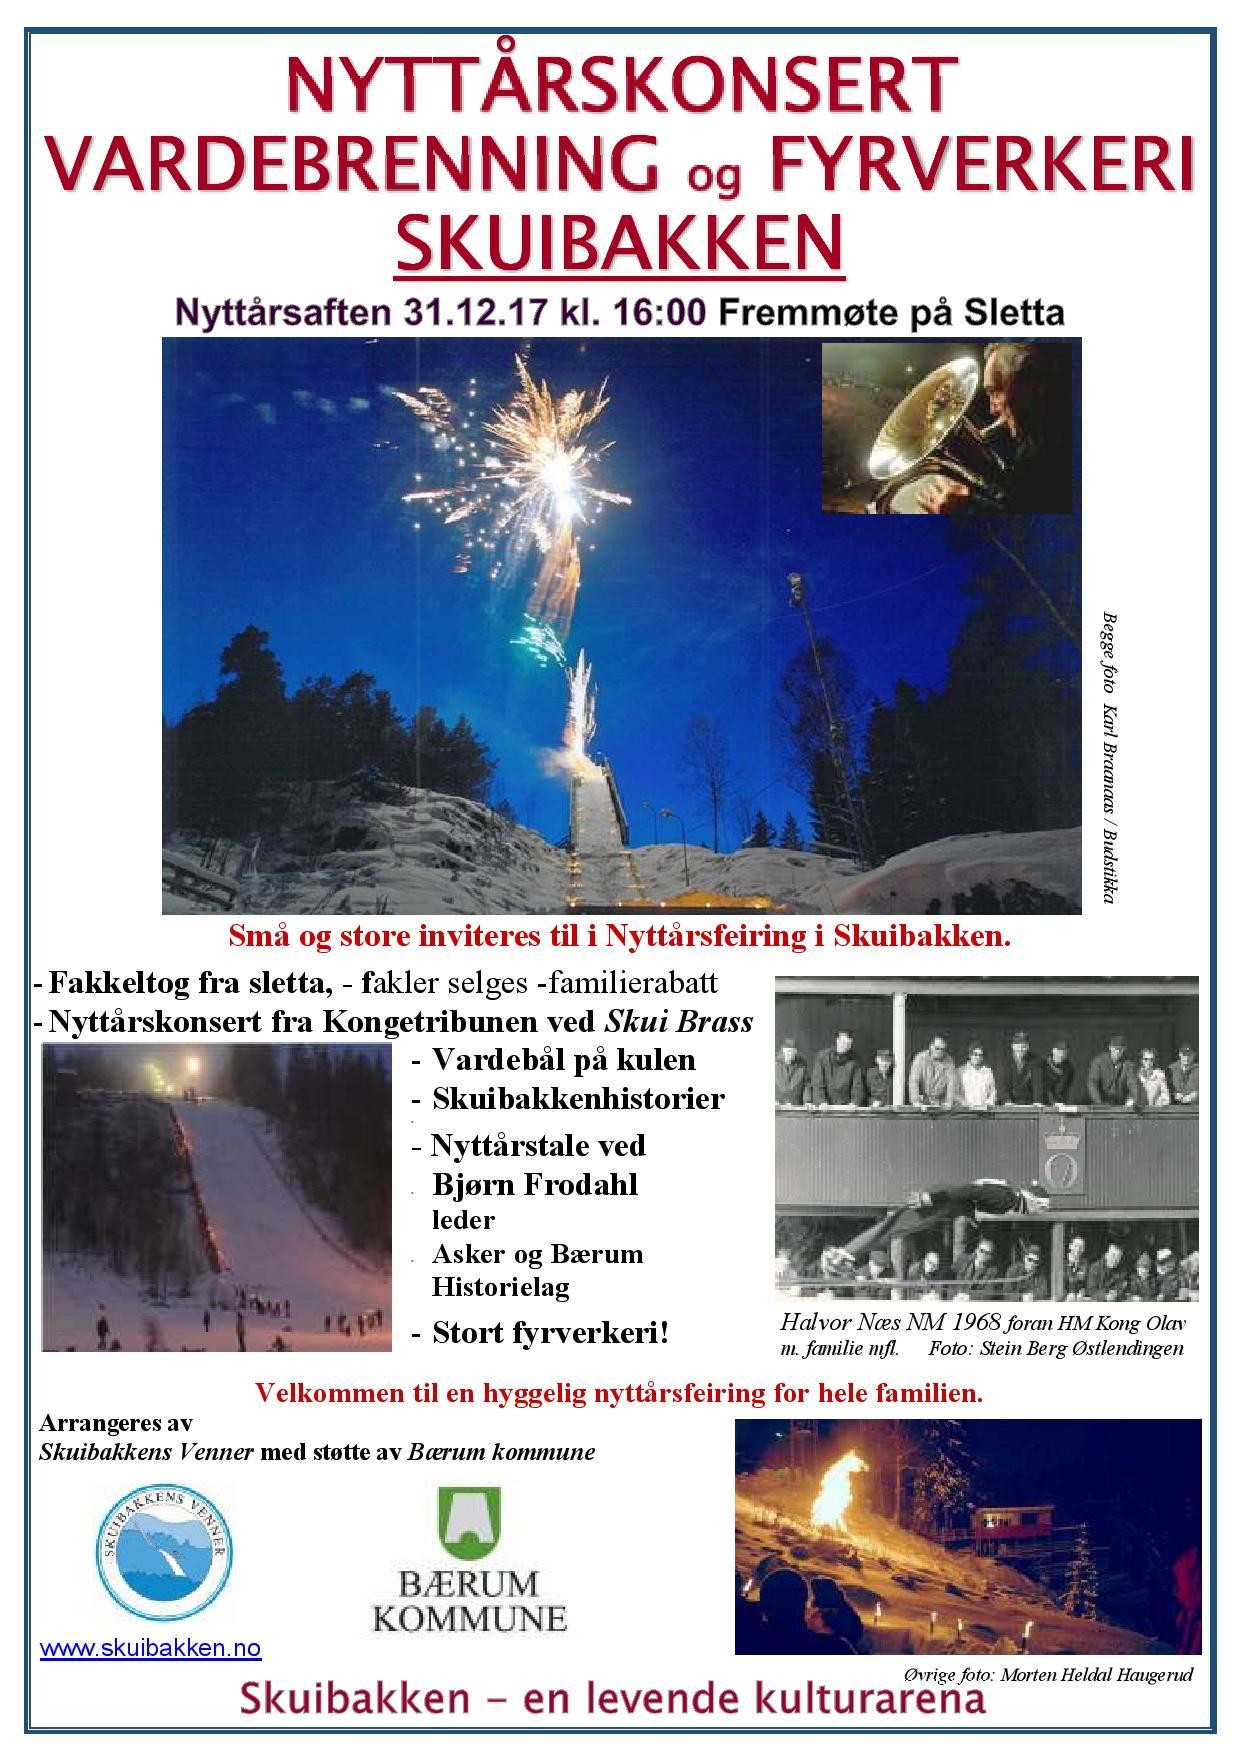 Invitasjon Nyttårskonsert med vardebrenning Skuibakken 31-12-17 v3 sm-page-001.jpg